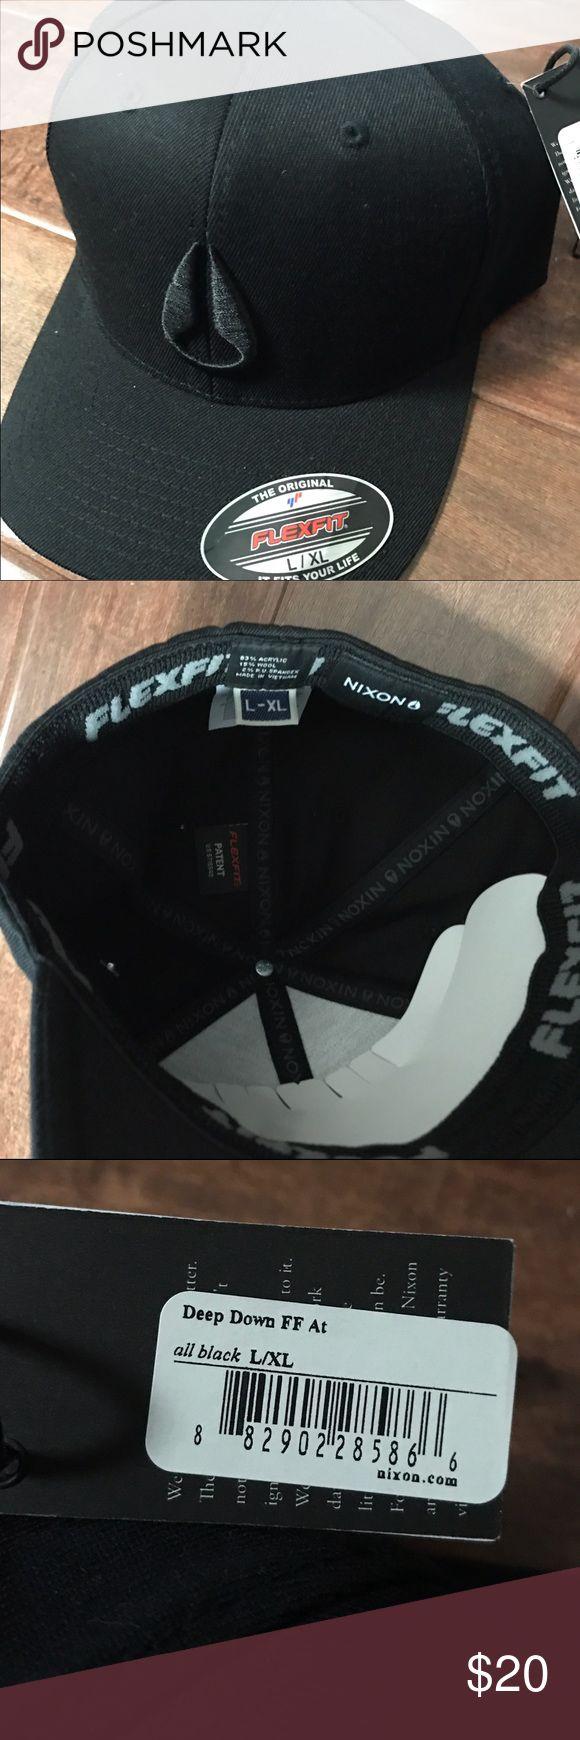 Nixon Deep Down Flex Fit Hat New Black Men's L/XL Flex Fit Hat Nixon Accessories Hats